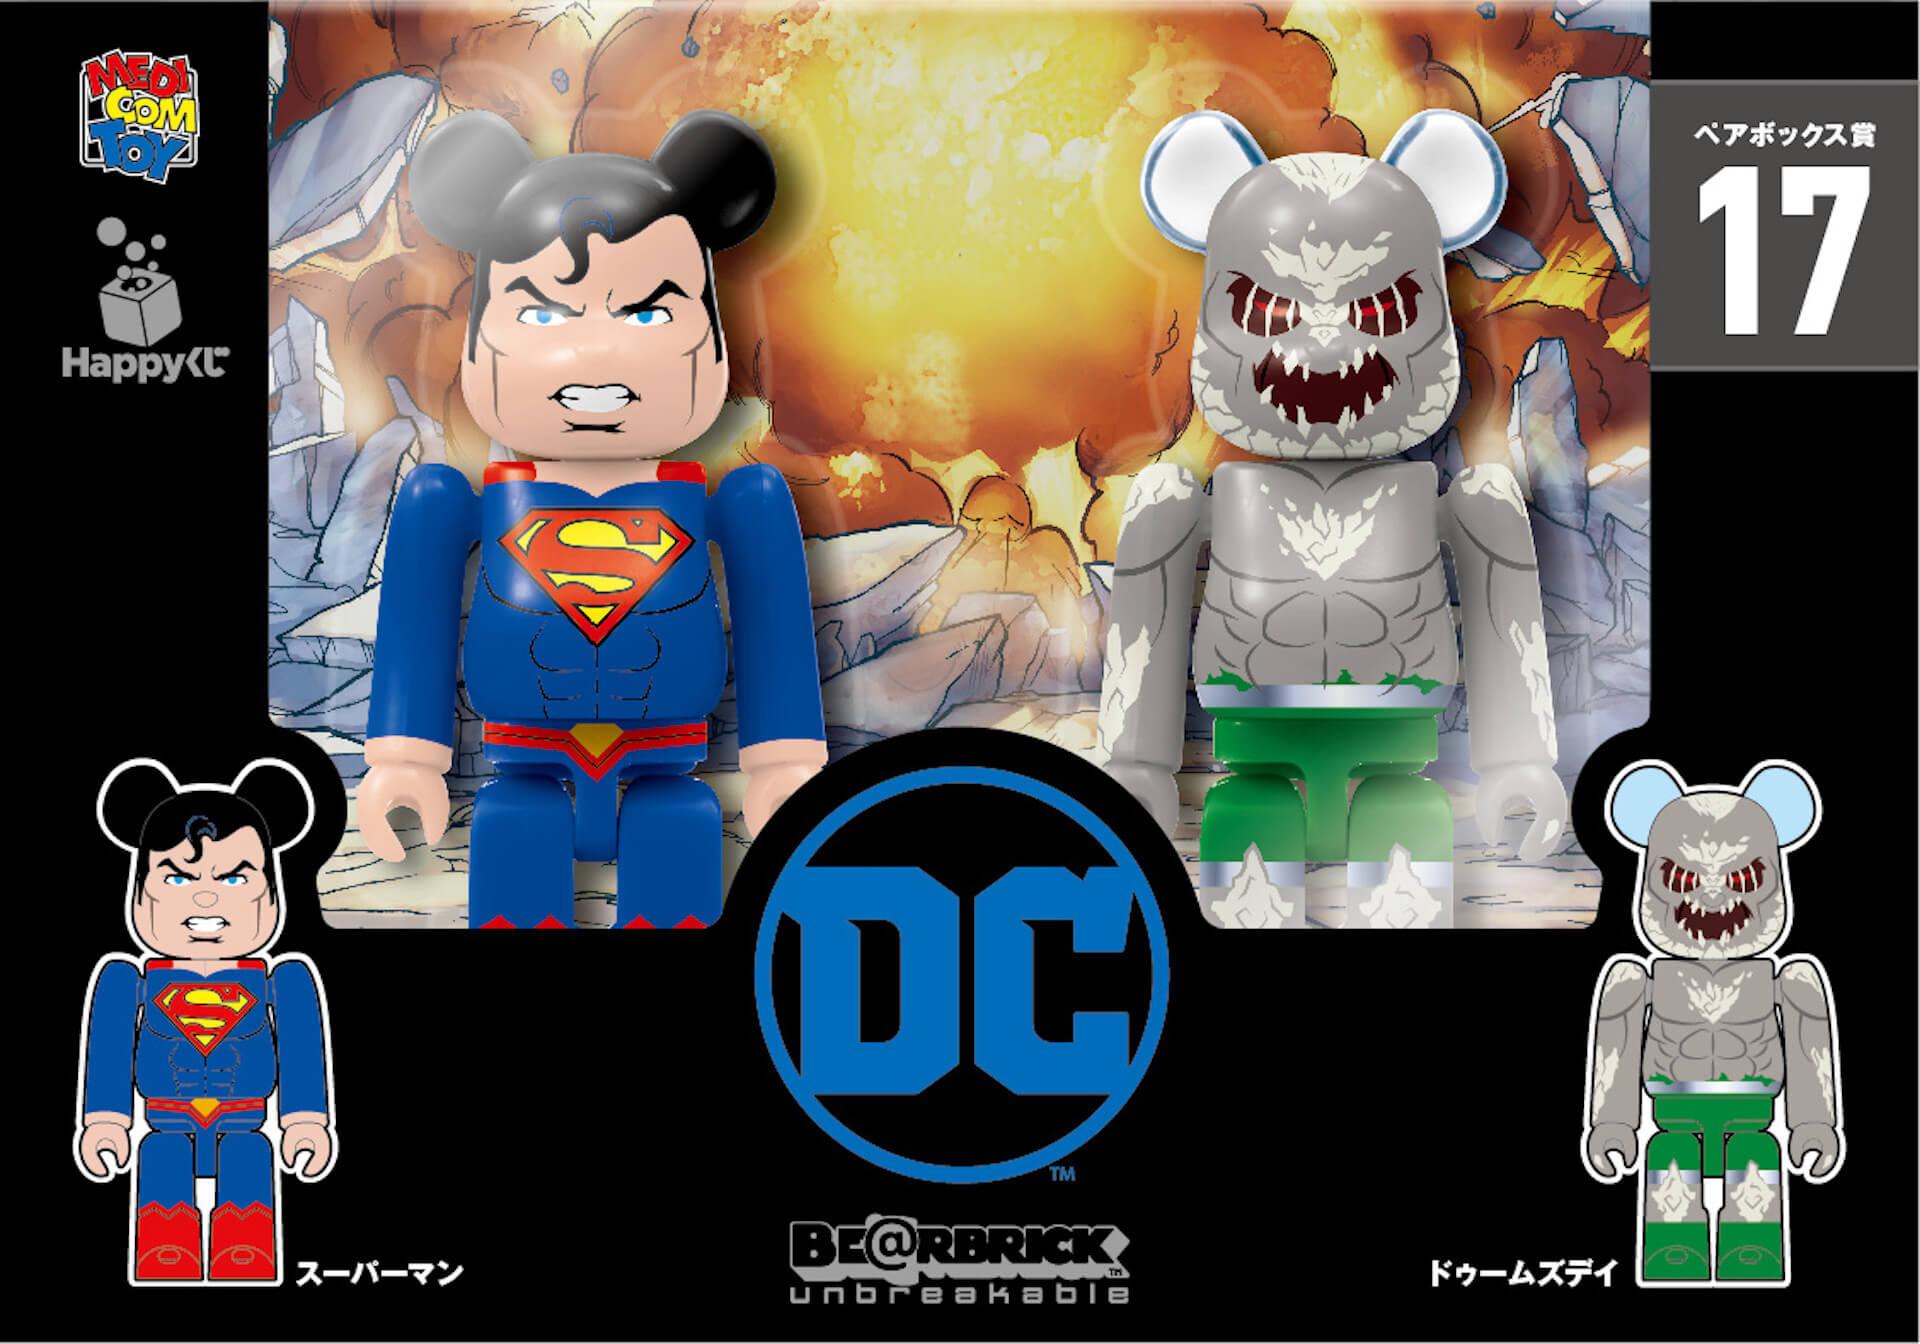 『ワンダーウーマン 1984』劇場公開記念!スーパーマン、バットマン、ジョーカーら人気DCキャラのBE@RBRICKや限定ポスターが当たるHappyくじが発売 art201216_dc_bearbrick_9